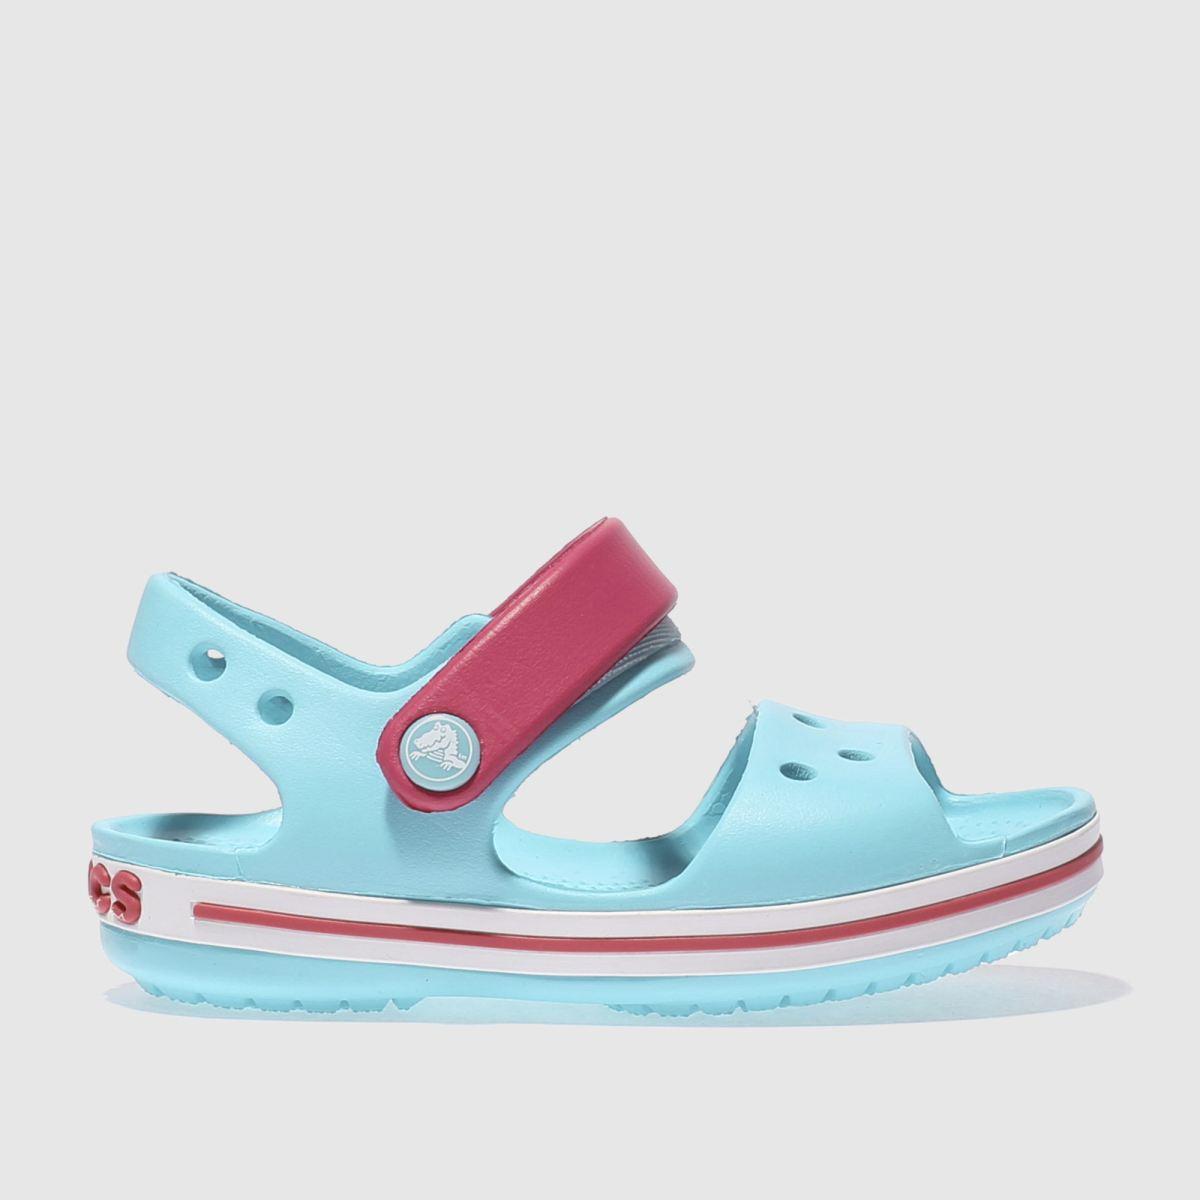 Crocs Crocs Pale Blue Crocband Sandal Girls Toddler Sandals